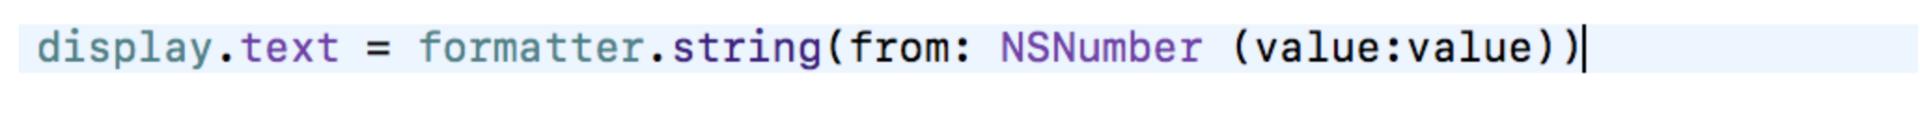 Переходим на Swift 3 с помощью миграционного «робота» в Xcode 8.1 и 8.2 - 23